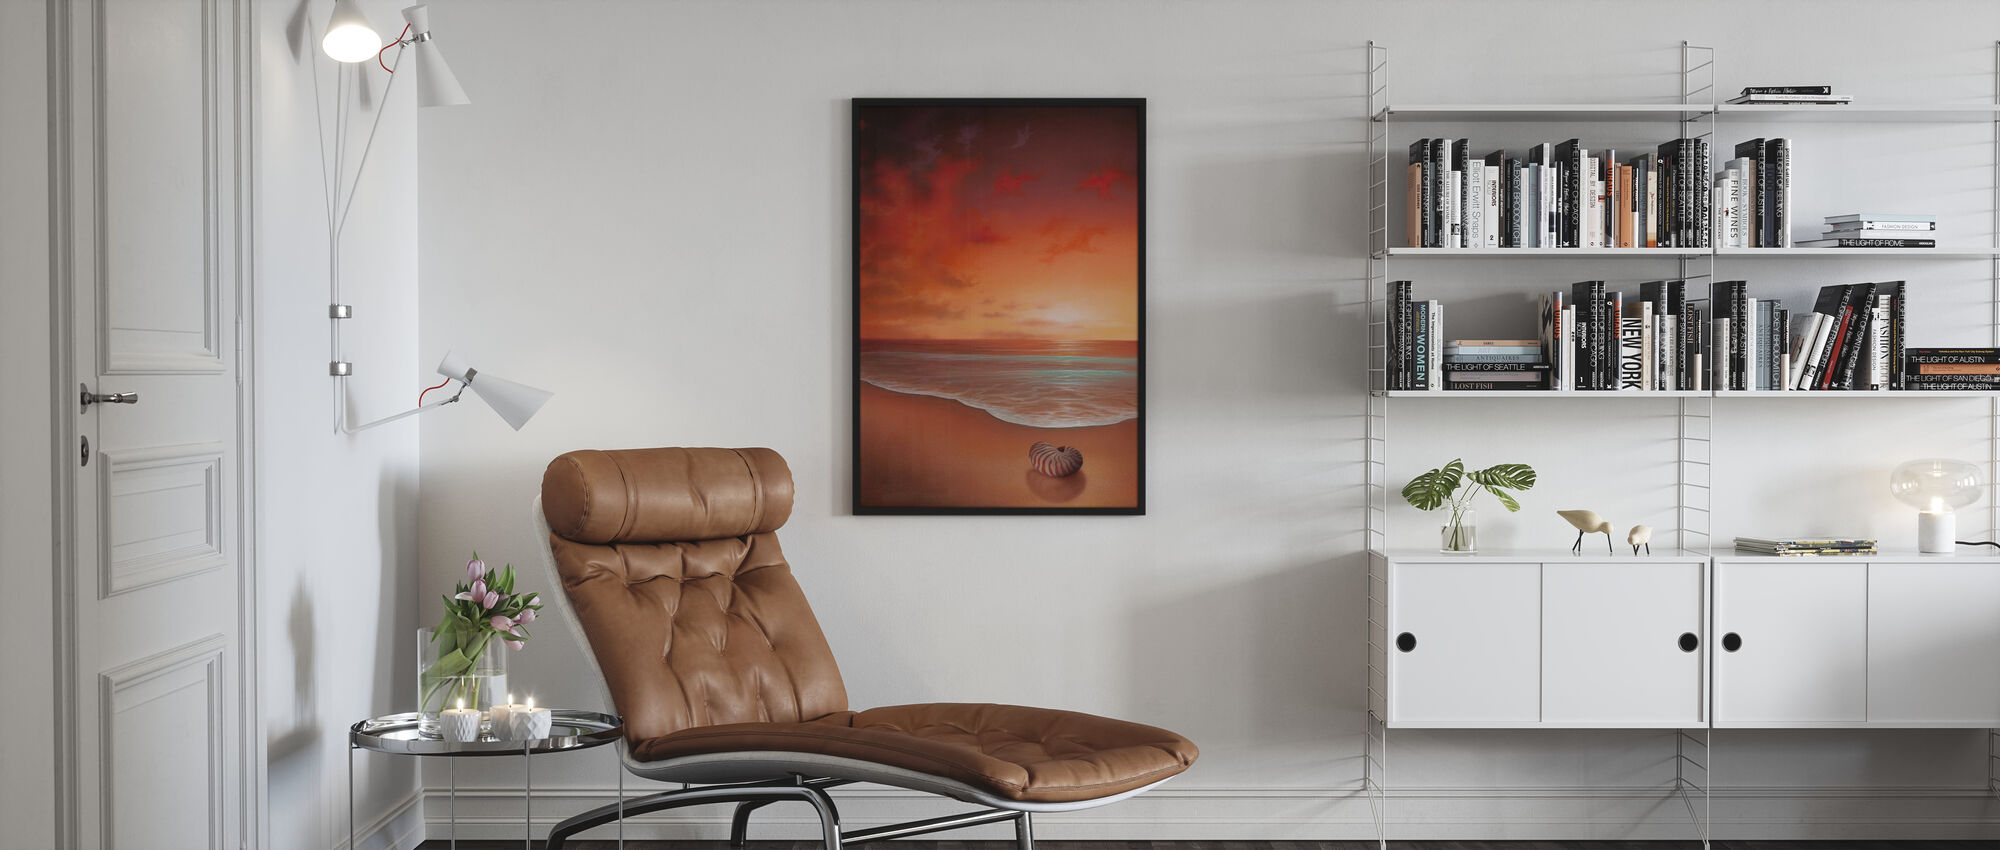 Crimson Tide - Poster - Living Room